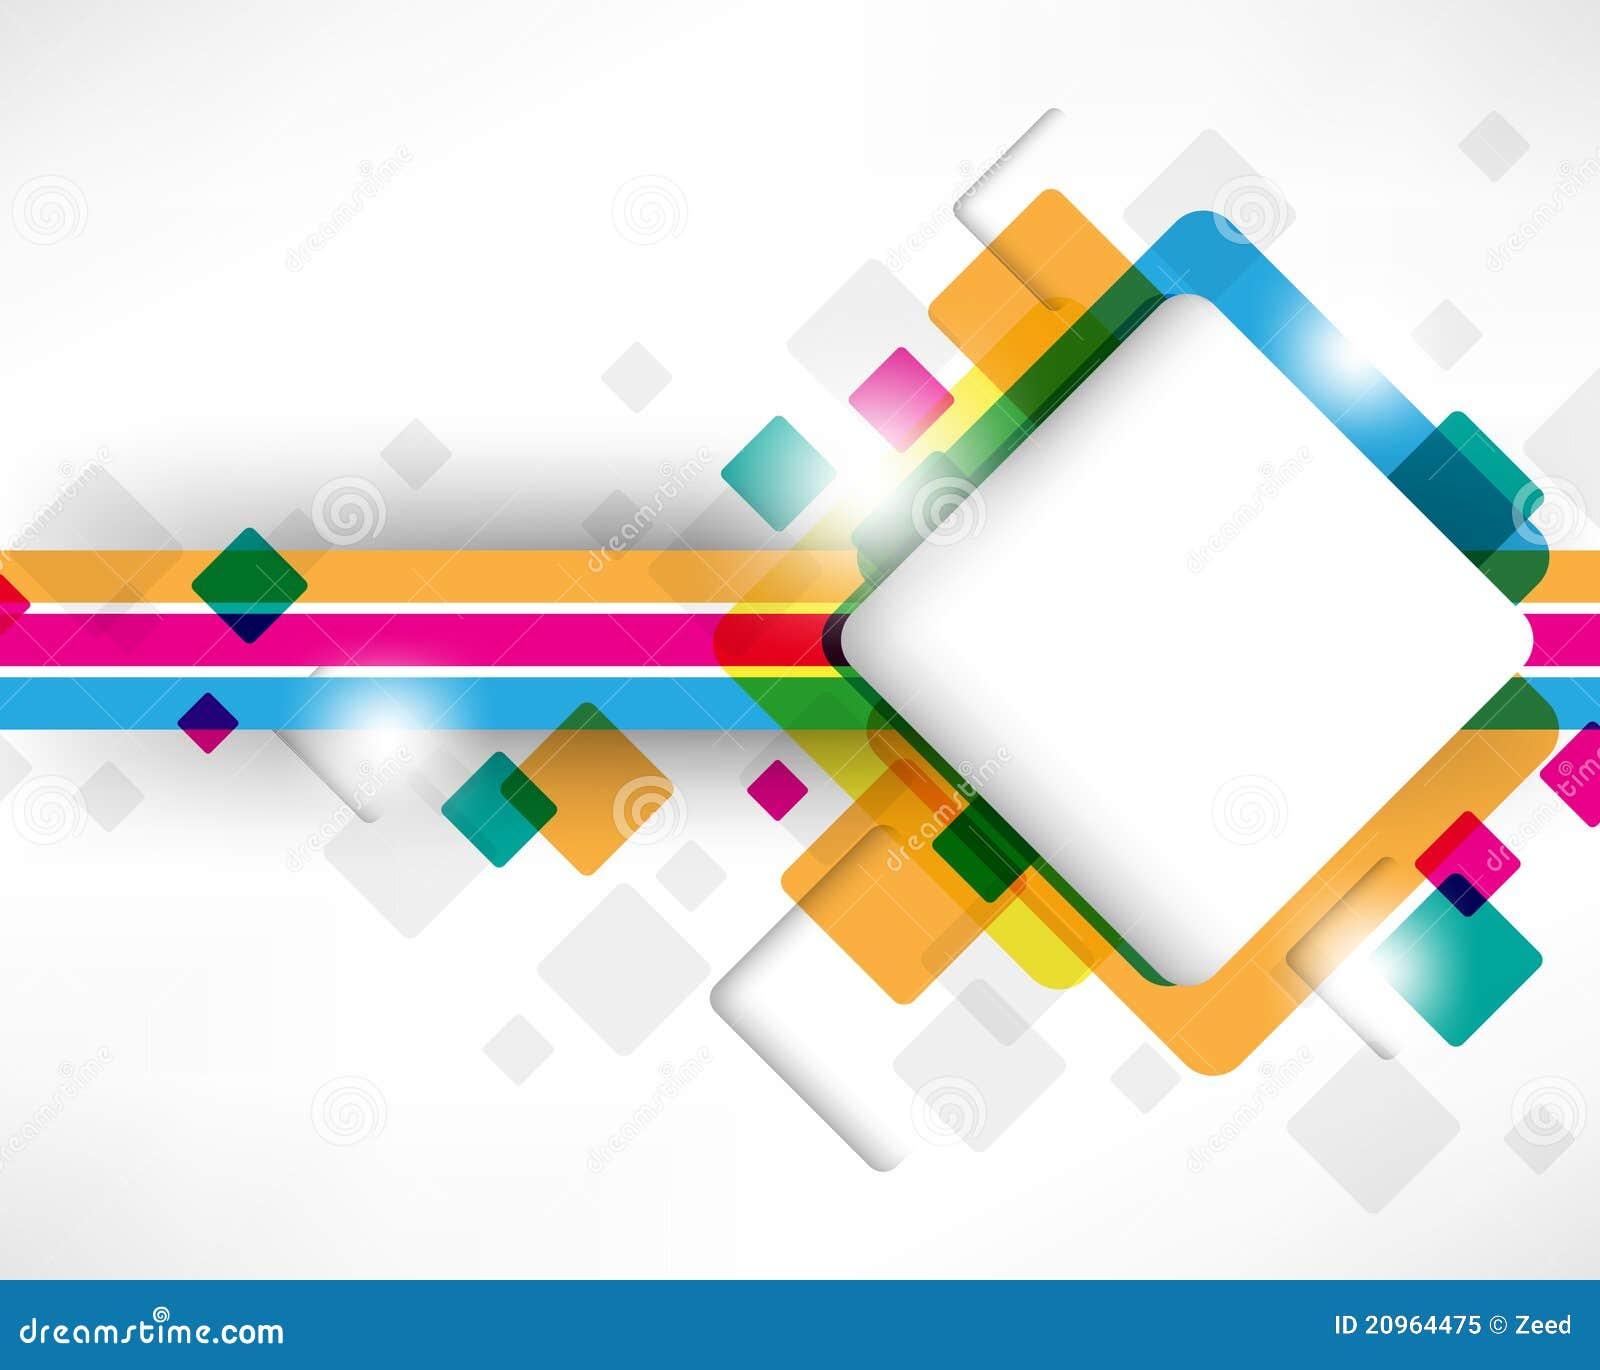 Multicolor Box Square Design Stock Vector Illustration Of Modern